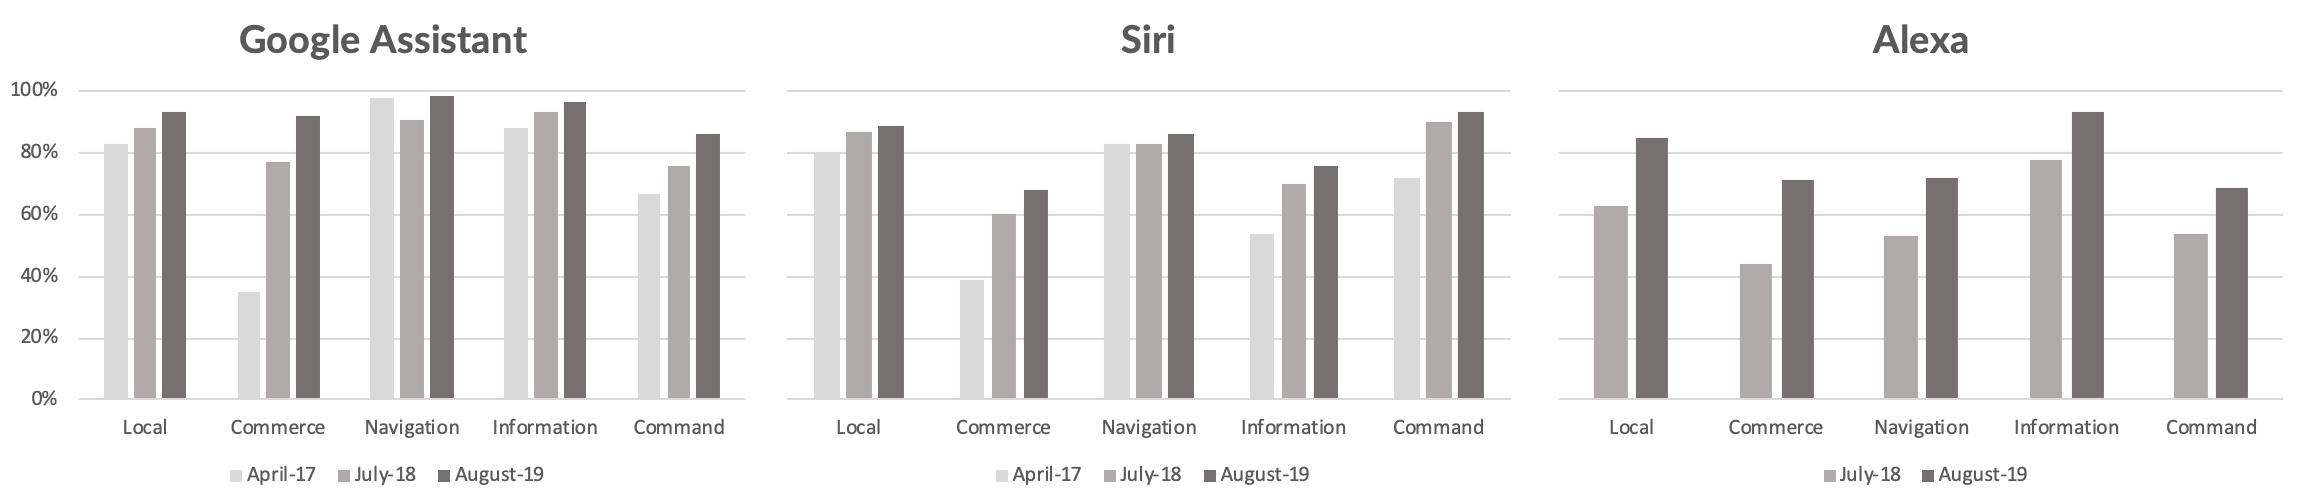 Assistant, Siri, Alexa: Seit 2017 / 2018 konnten sich die Assistenzsysteme deutlich verbessern. Bild: Loup Ventures